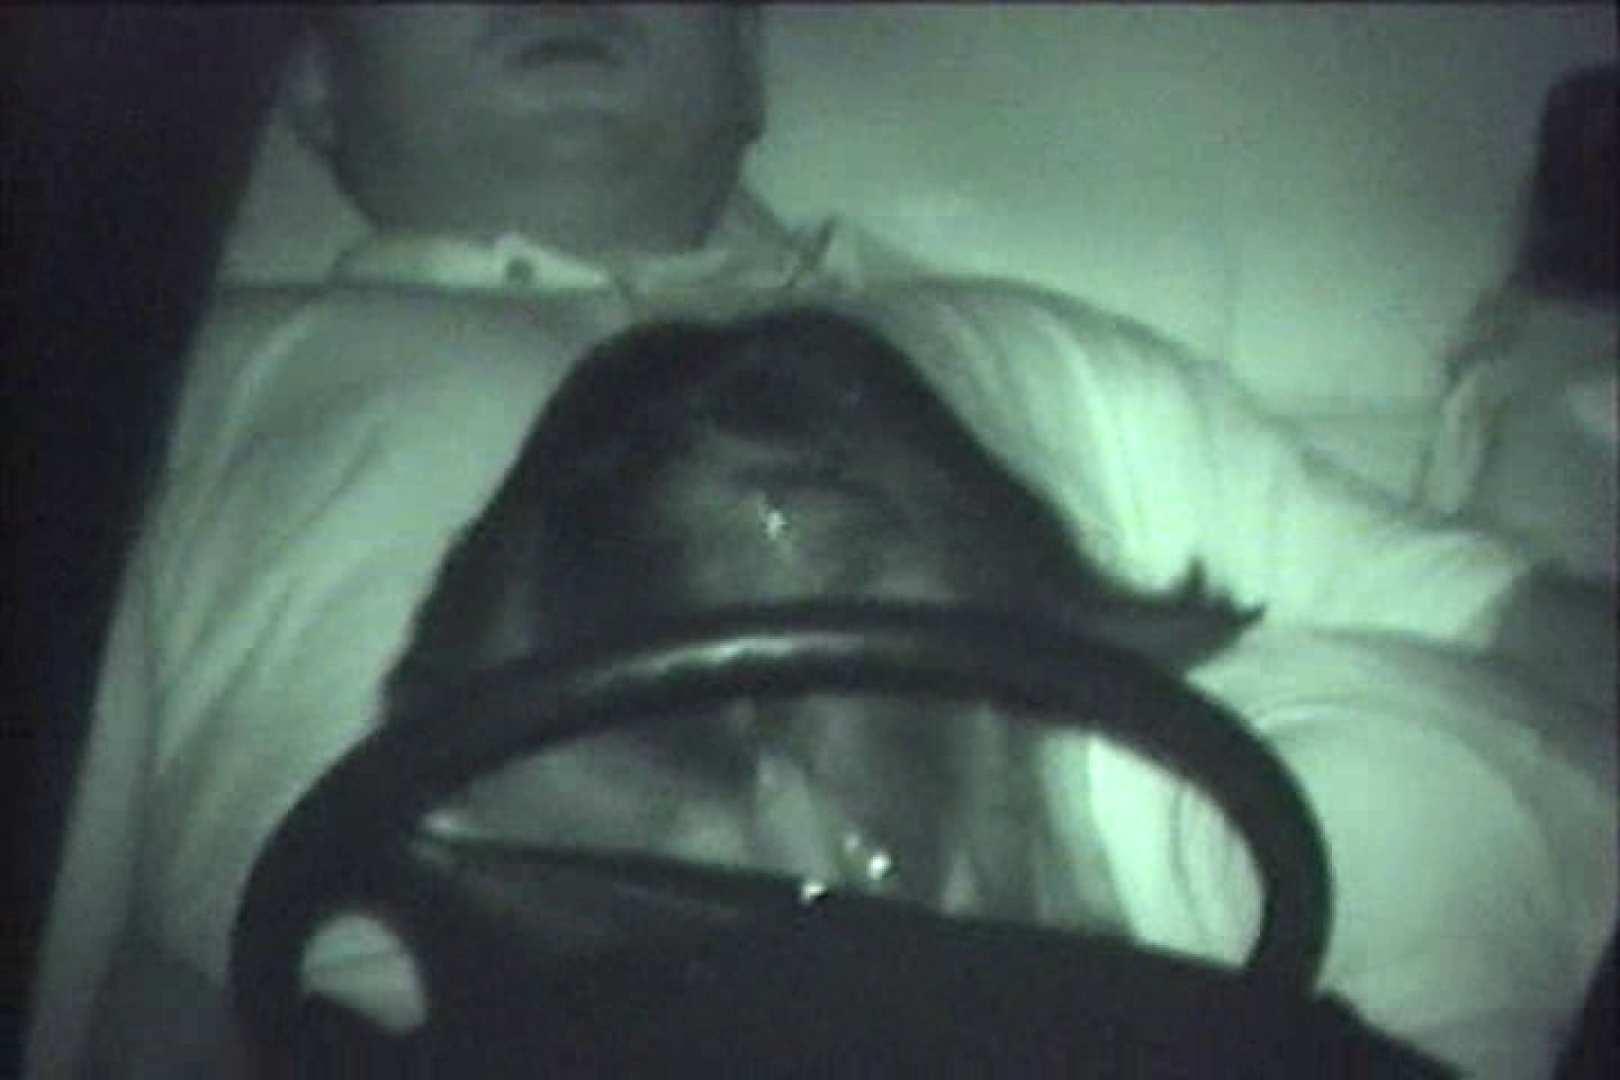 車の中はラブホテル 無修正版  Vol.17 マンコ  76枚 12